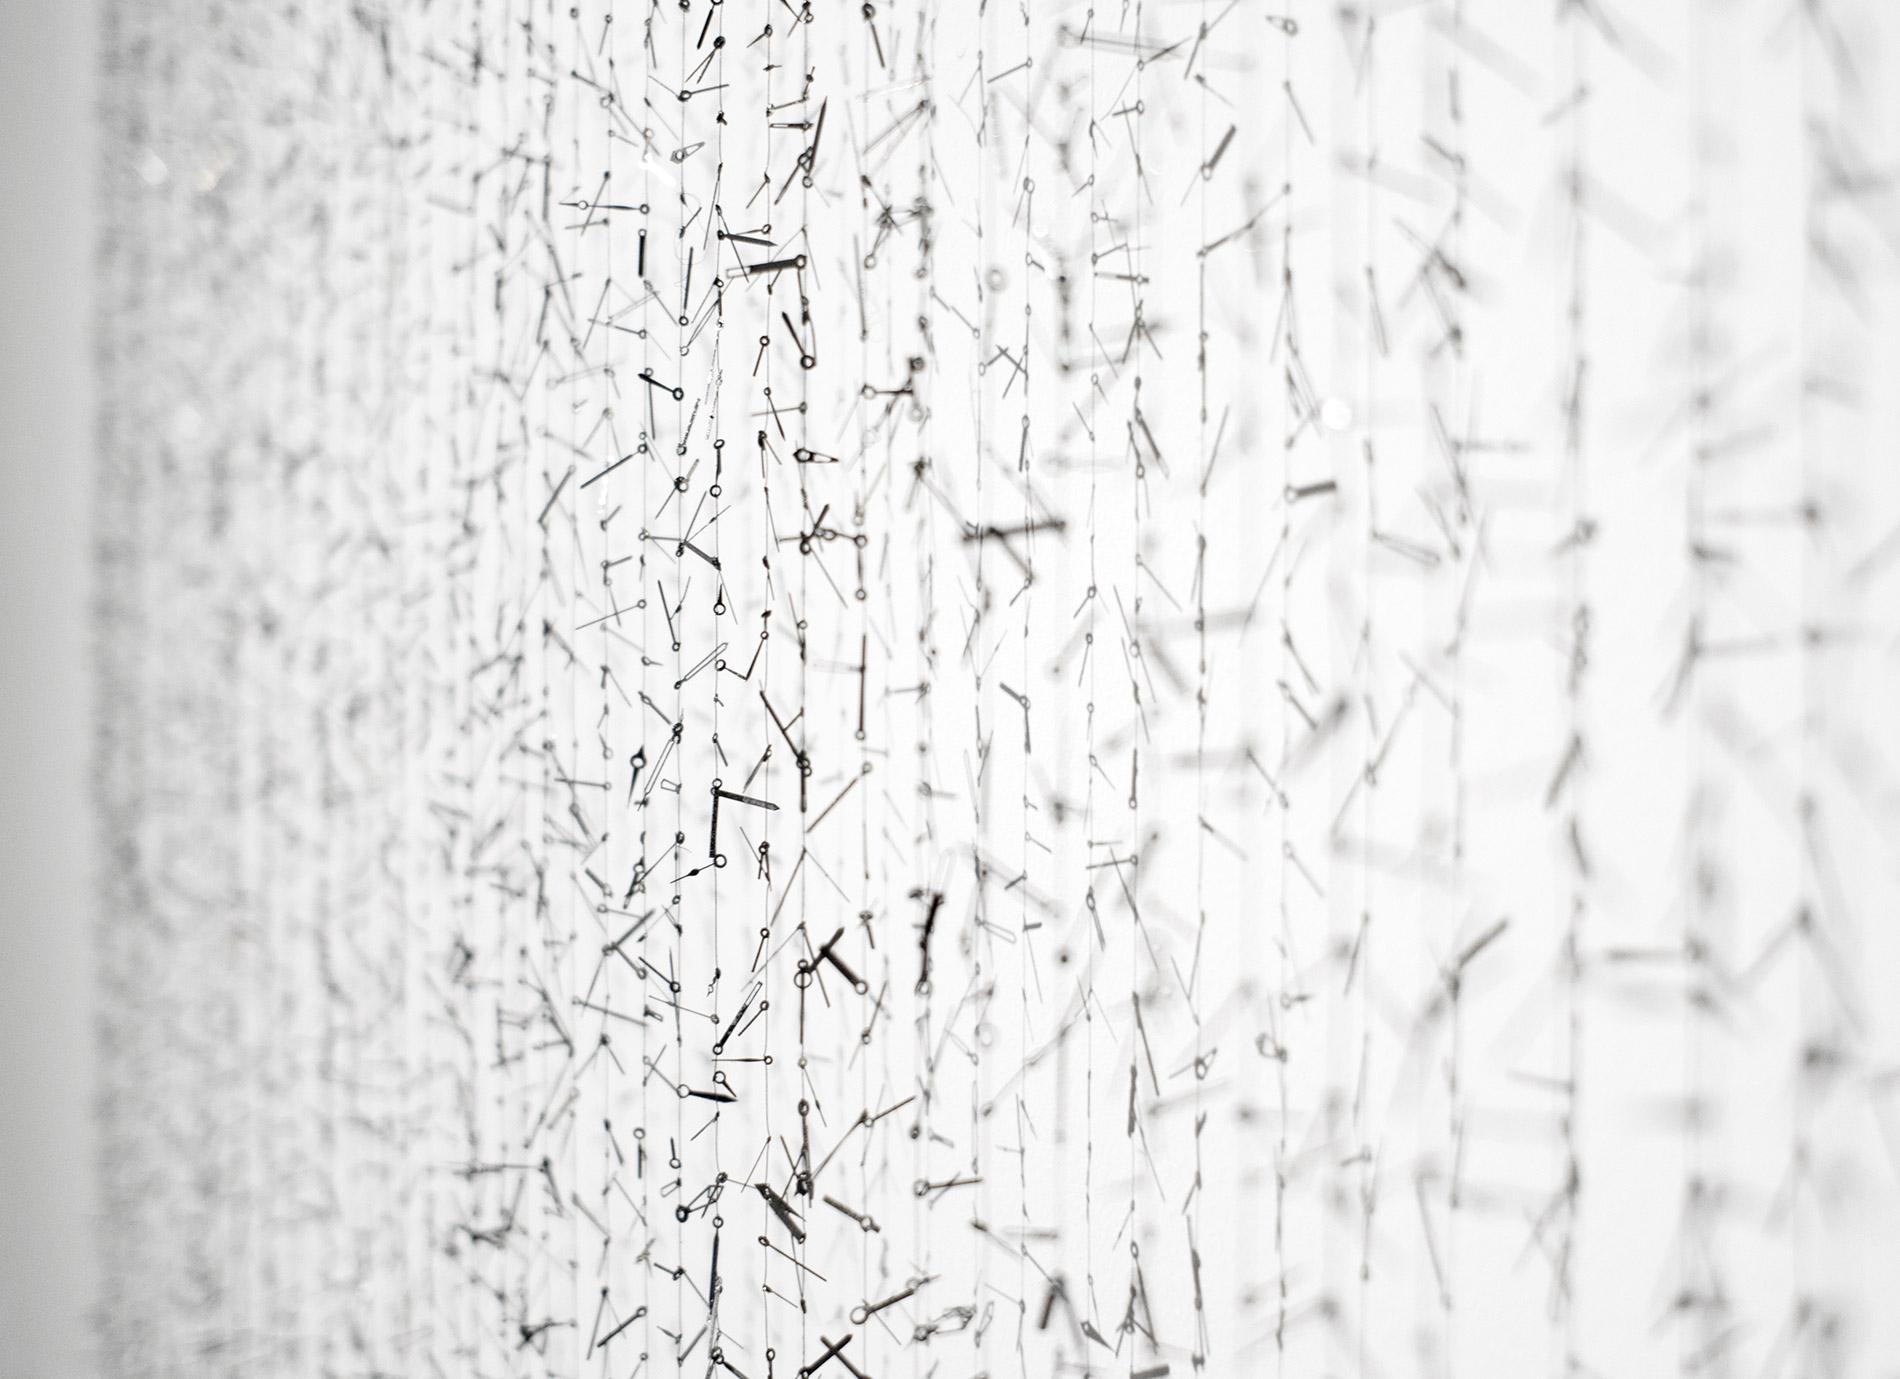 4-GUGLIELMETTI_TRILOGIE_CREPUSCULEB-galerie-bettina-art-contemporain-paris